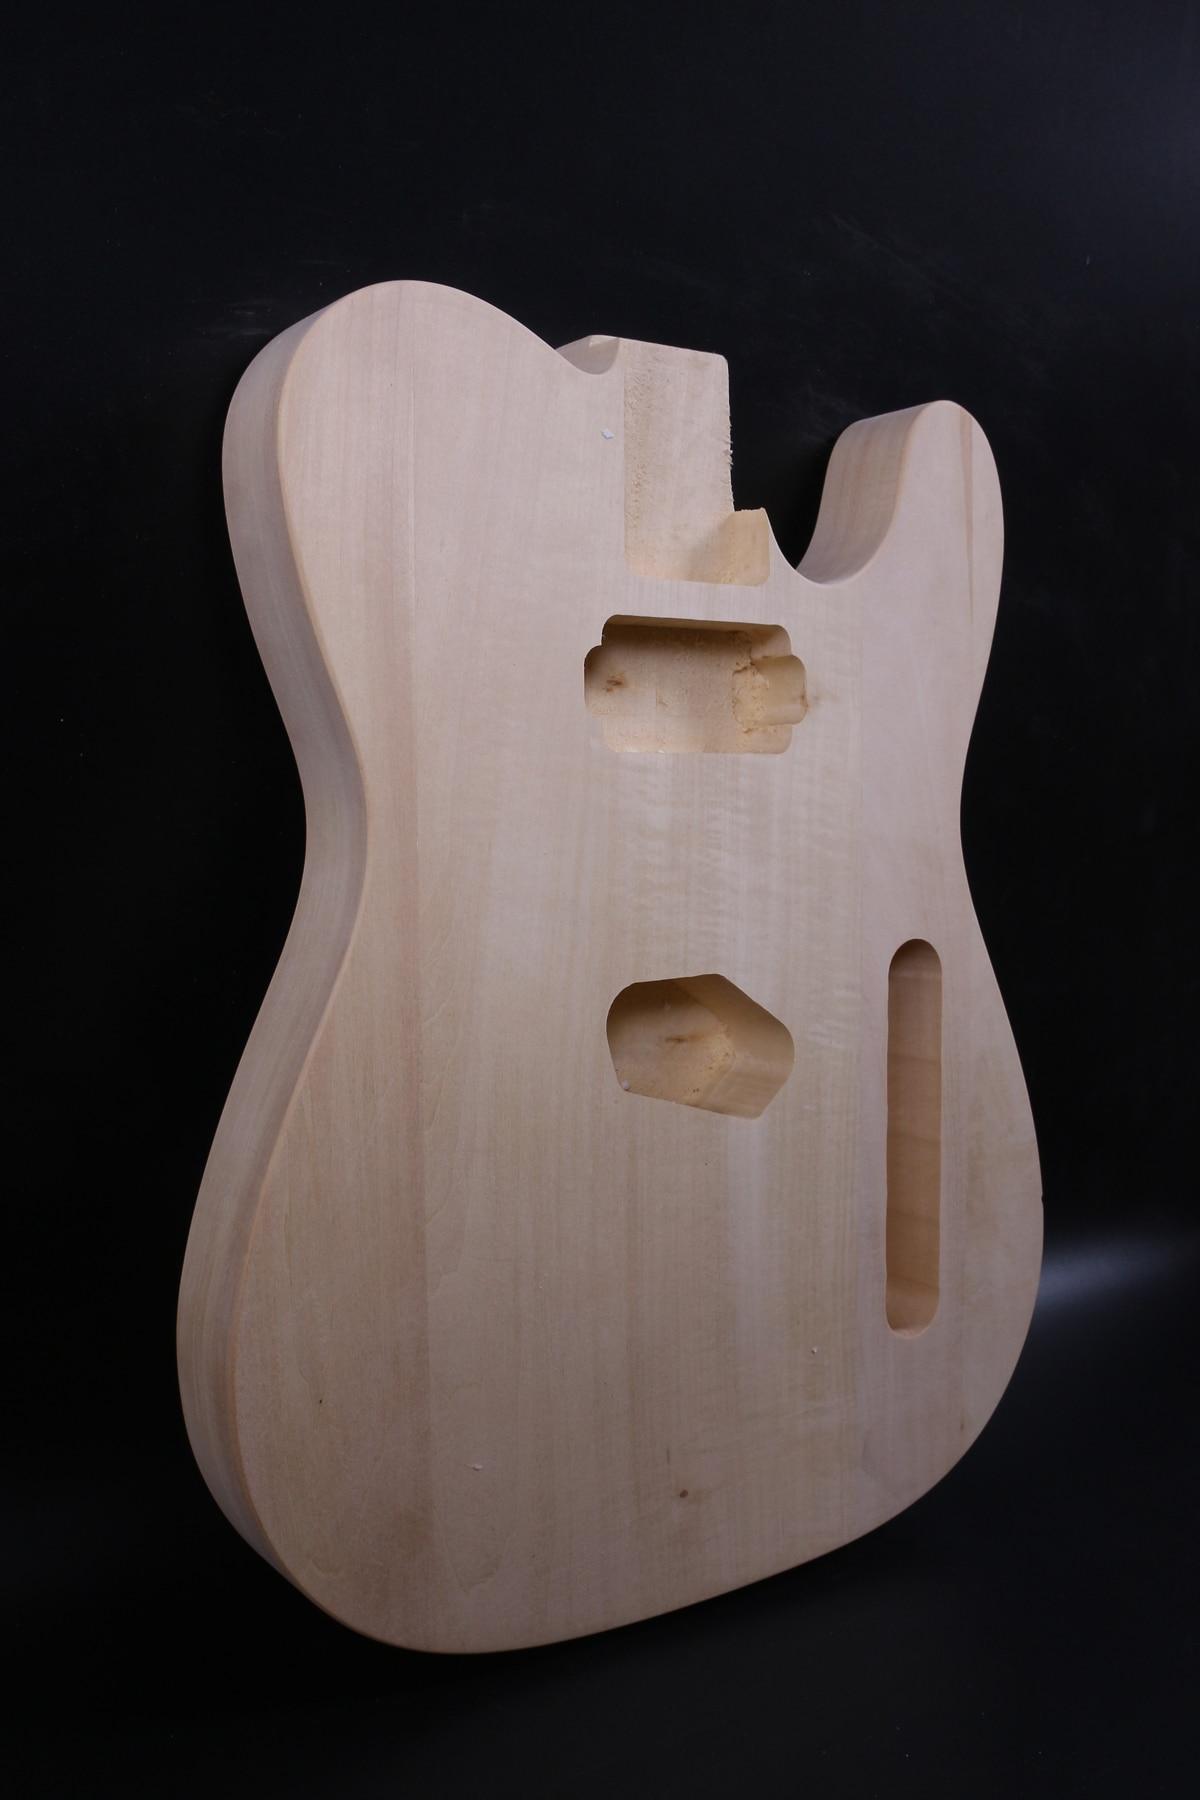 Unfinished gitarre Körper Linden holz Feine Stil Elektrische Gitarre Teile